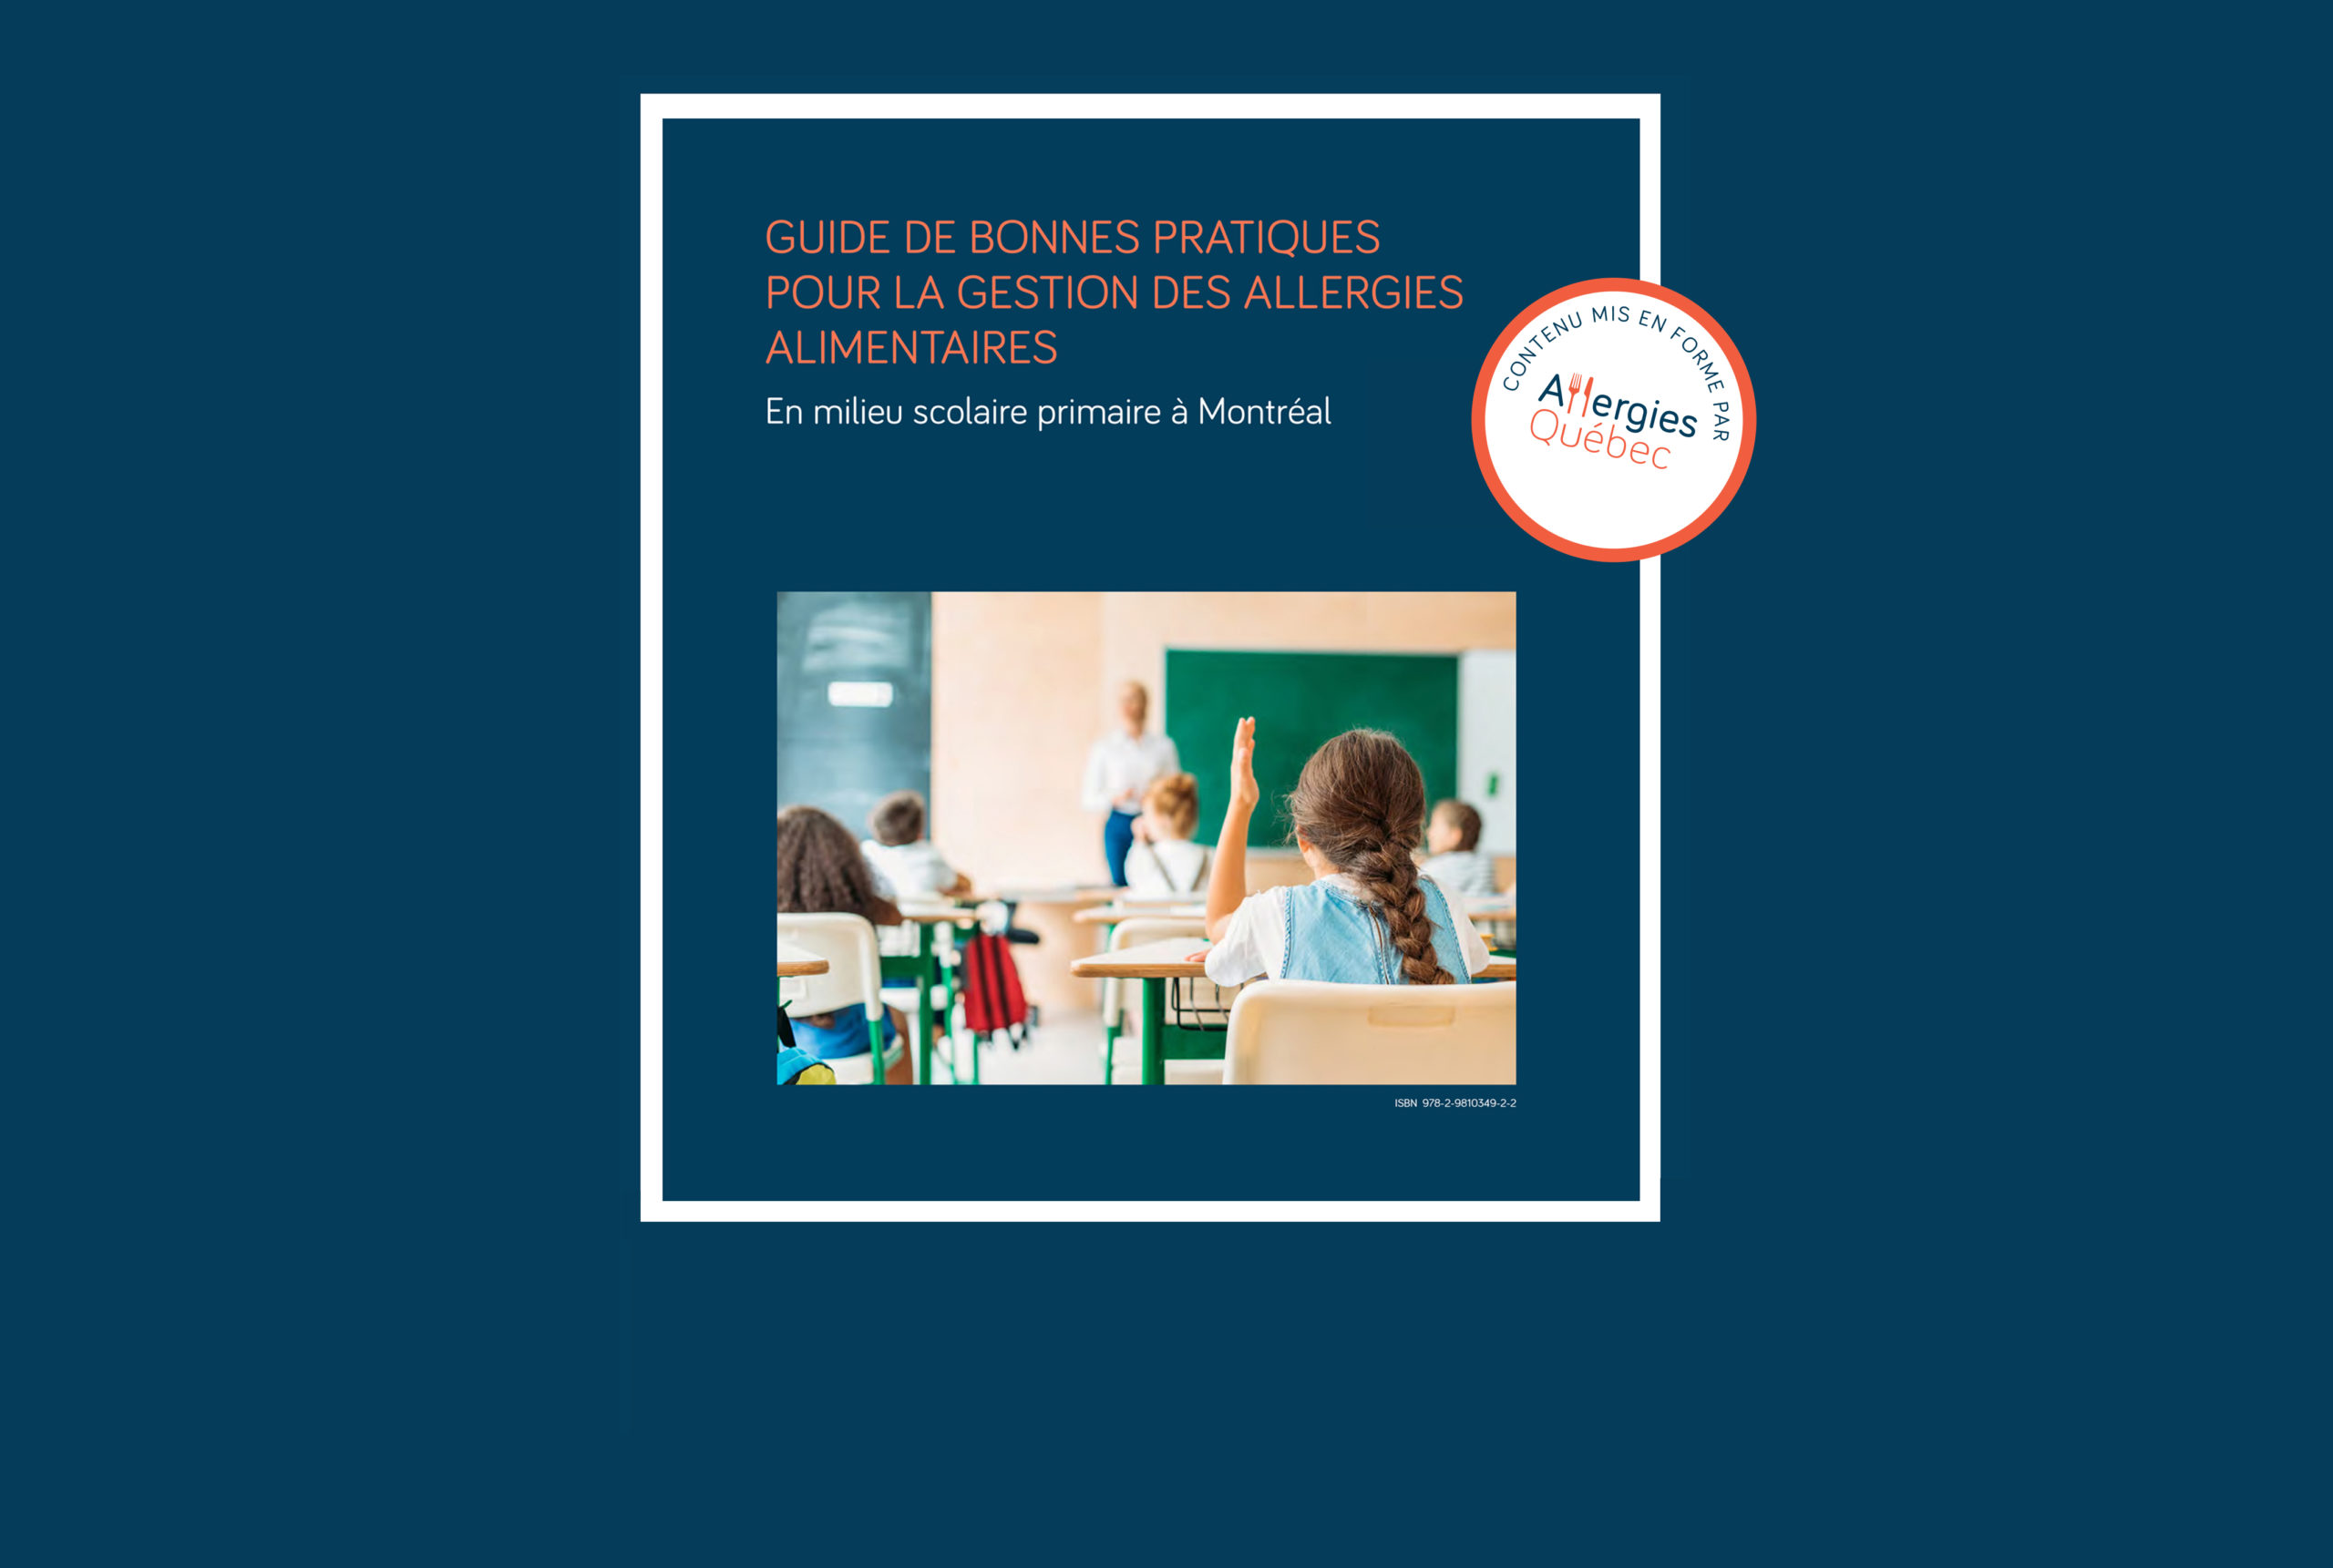 Gestion des allergies alimentaires dans les écoles : diffusion d'un nouveau guide de bonnes pratiques